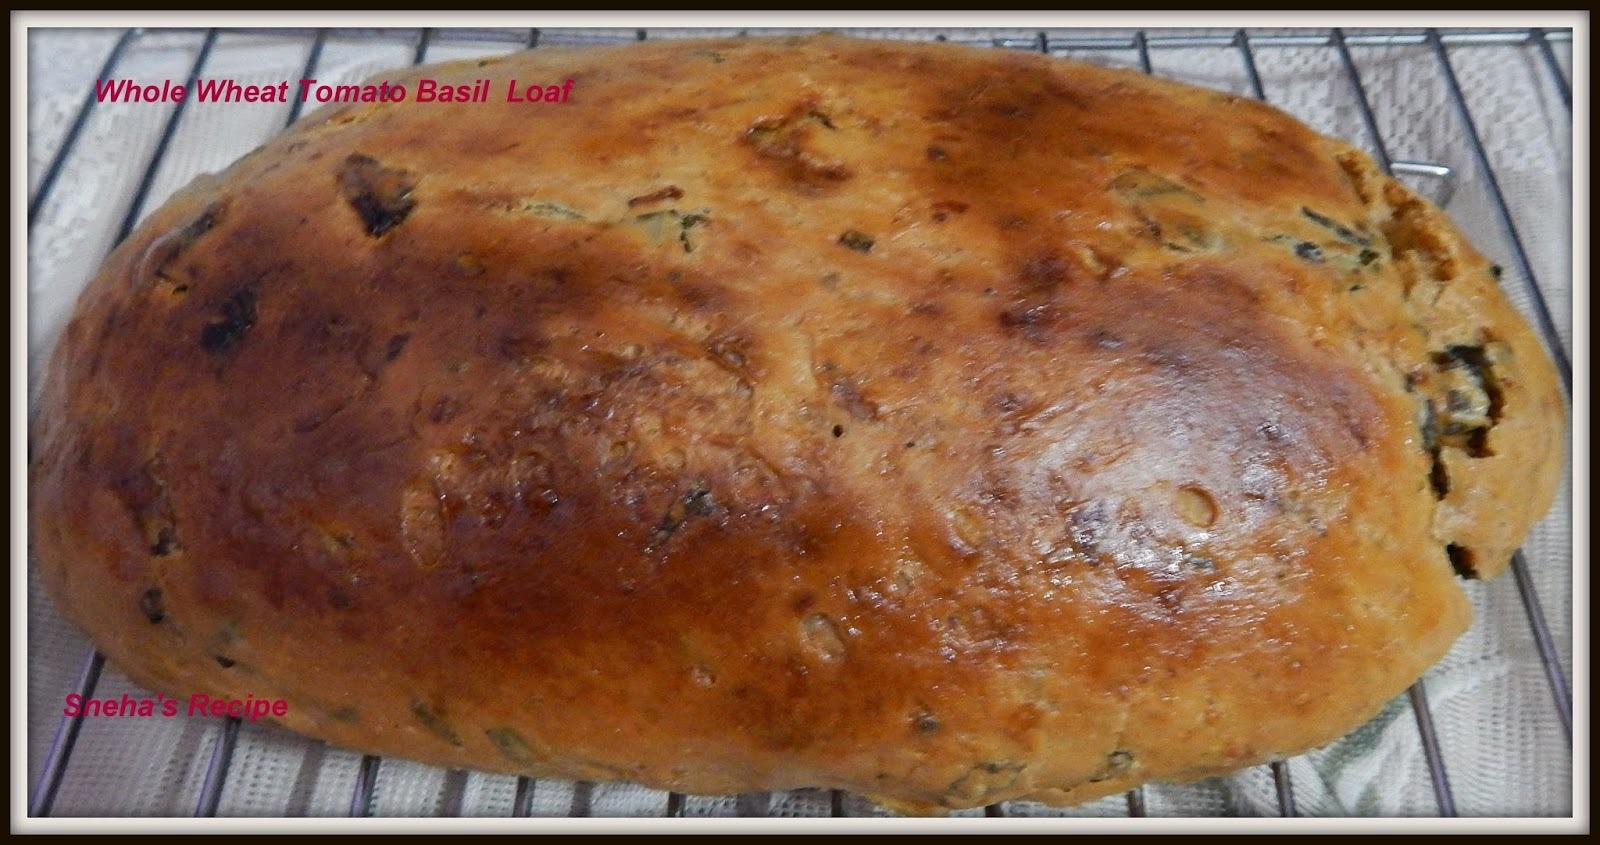 Whole Wheat Tomato Basil Loaf